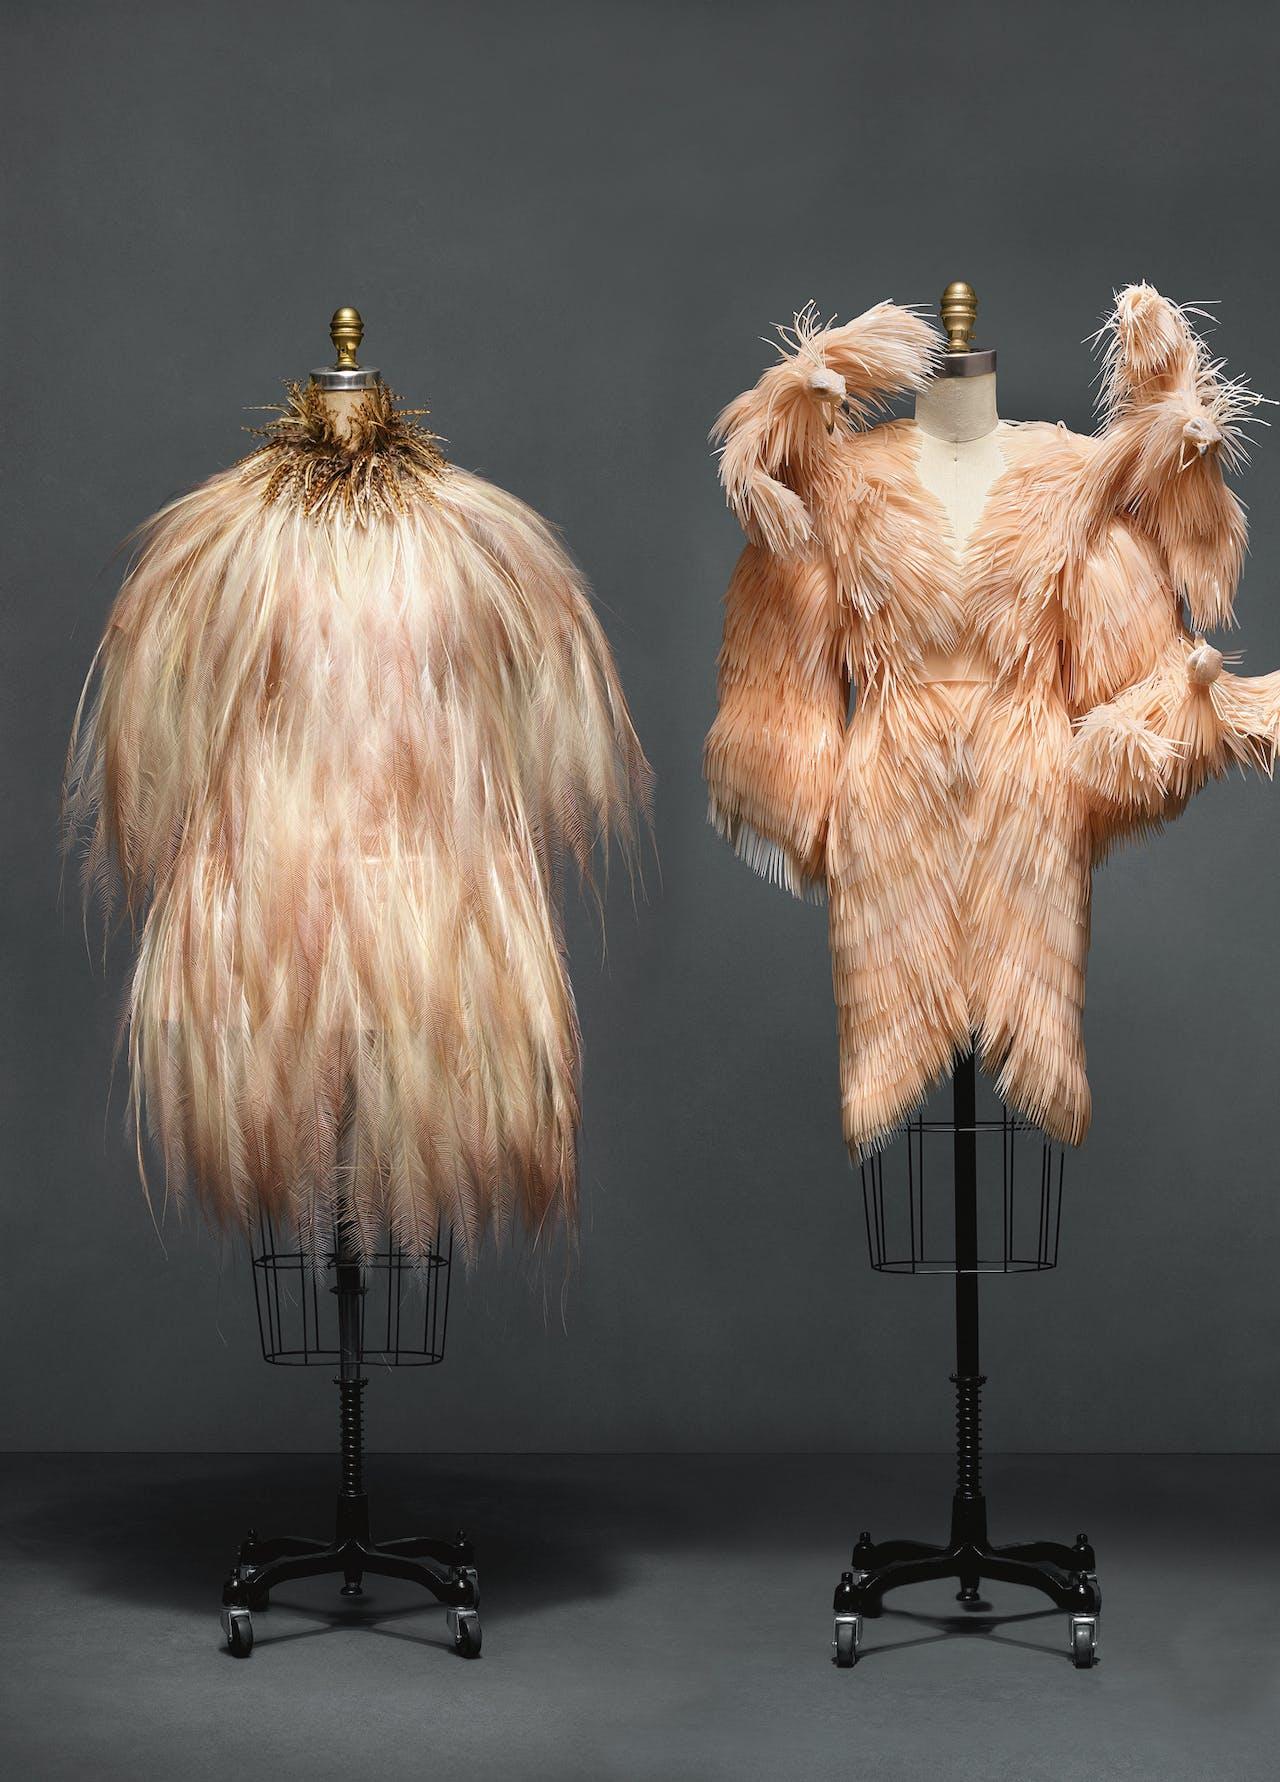 Handgemaakte haute couture-jurk uit 1969 van Yves Saint Laurent van zijde en veren (l) en deels 3D-geprint ontwerp van siliconen en katoen van Iris van Herpen uit 2013.